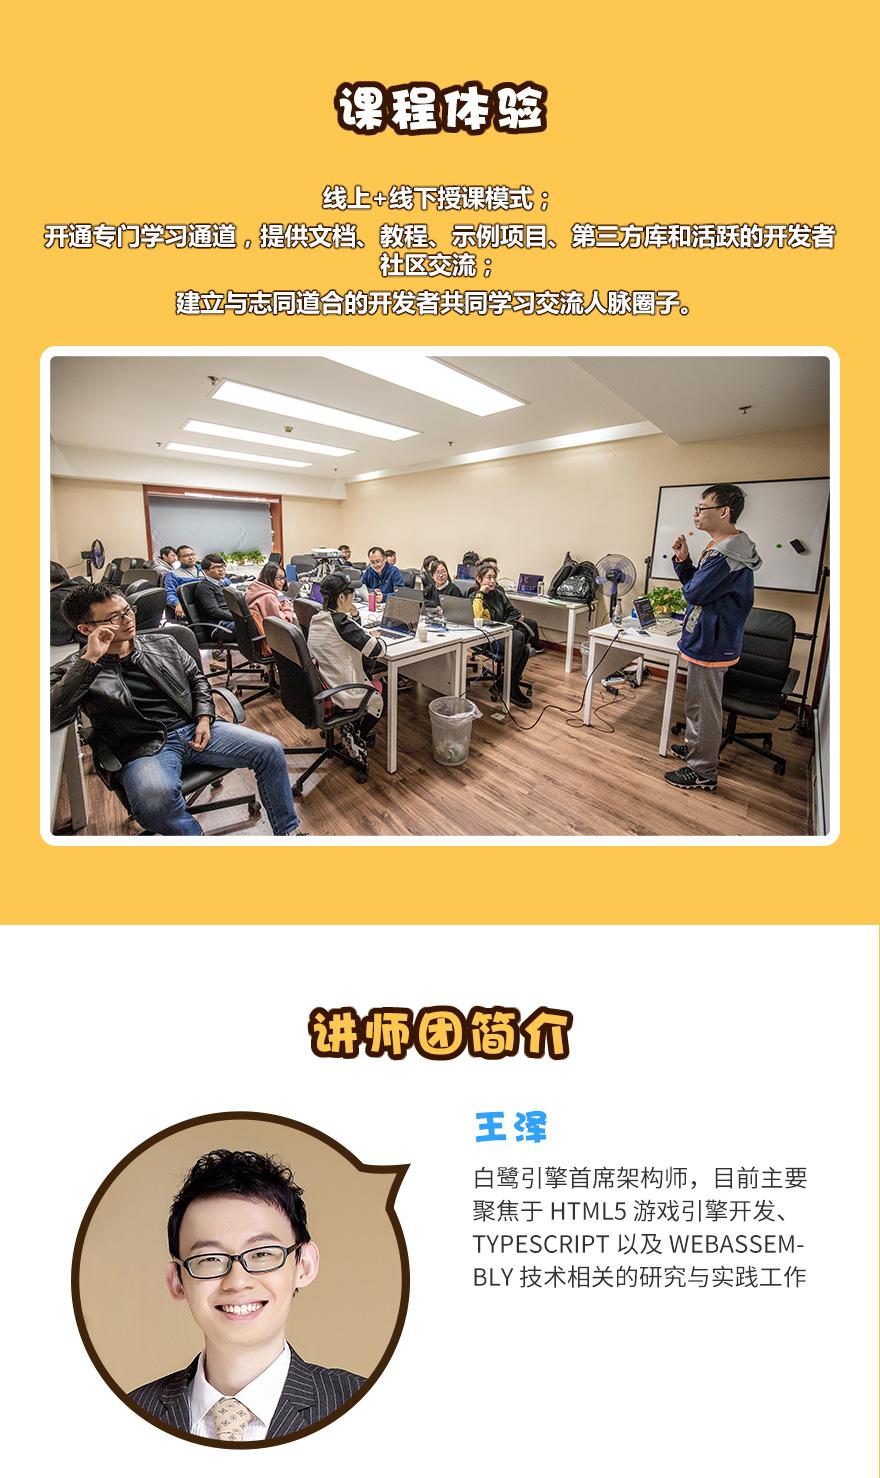 网课平台简介_02.jpg